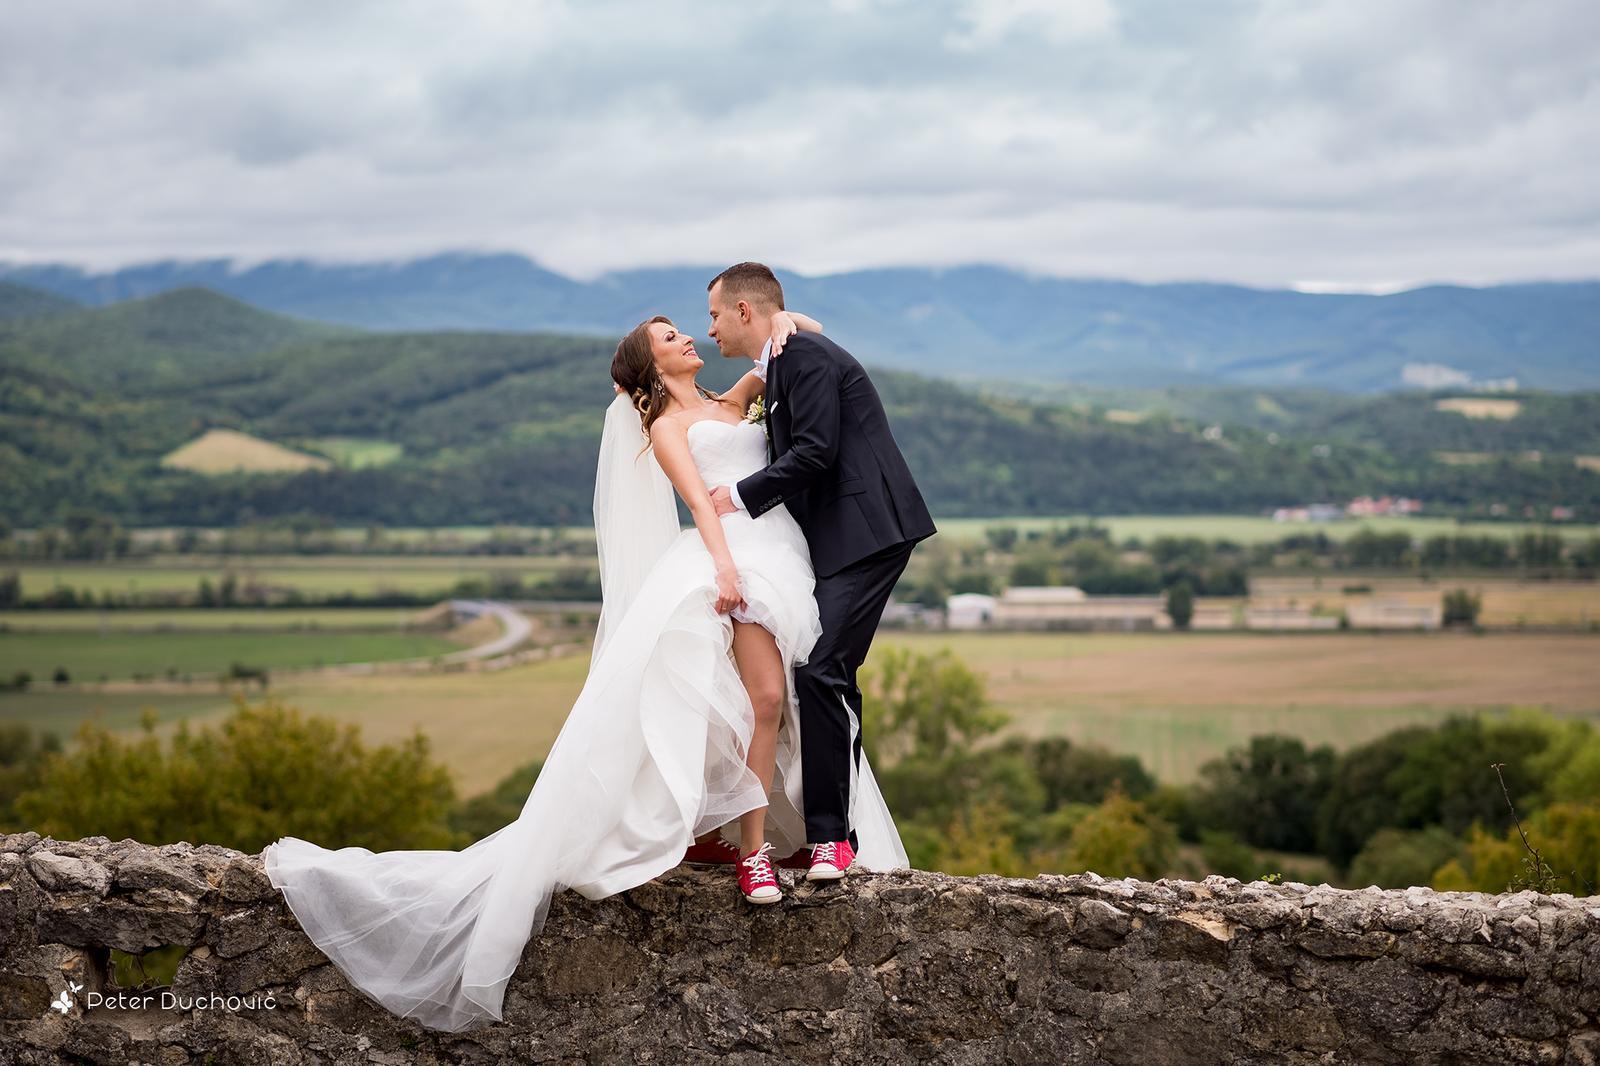 Svadba Adela a Stanko - Obrázok č. 3